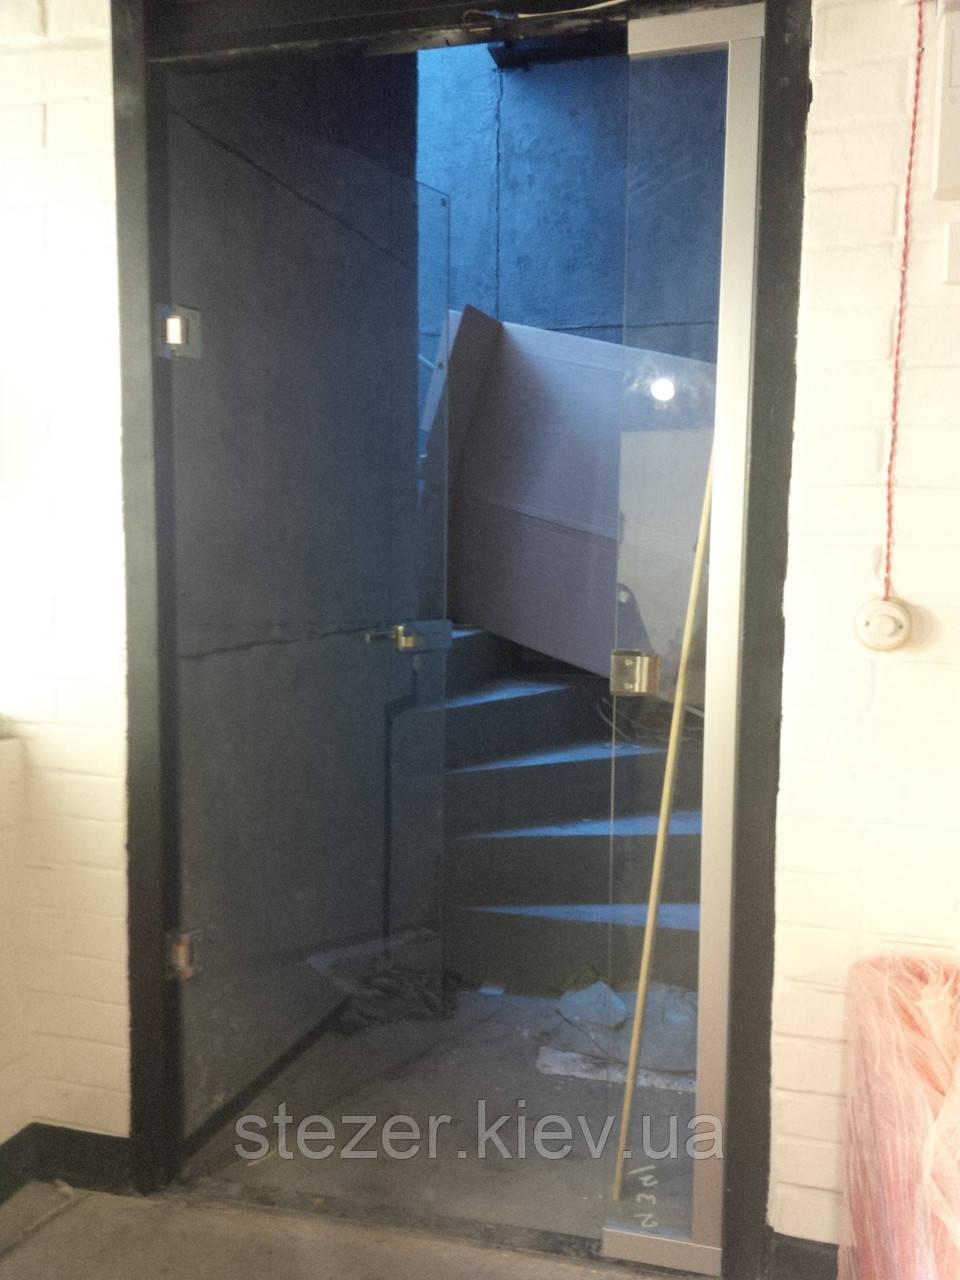 Входная стеклянная дверь в кафе